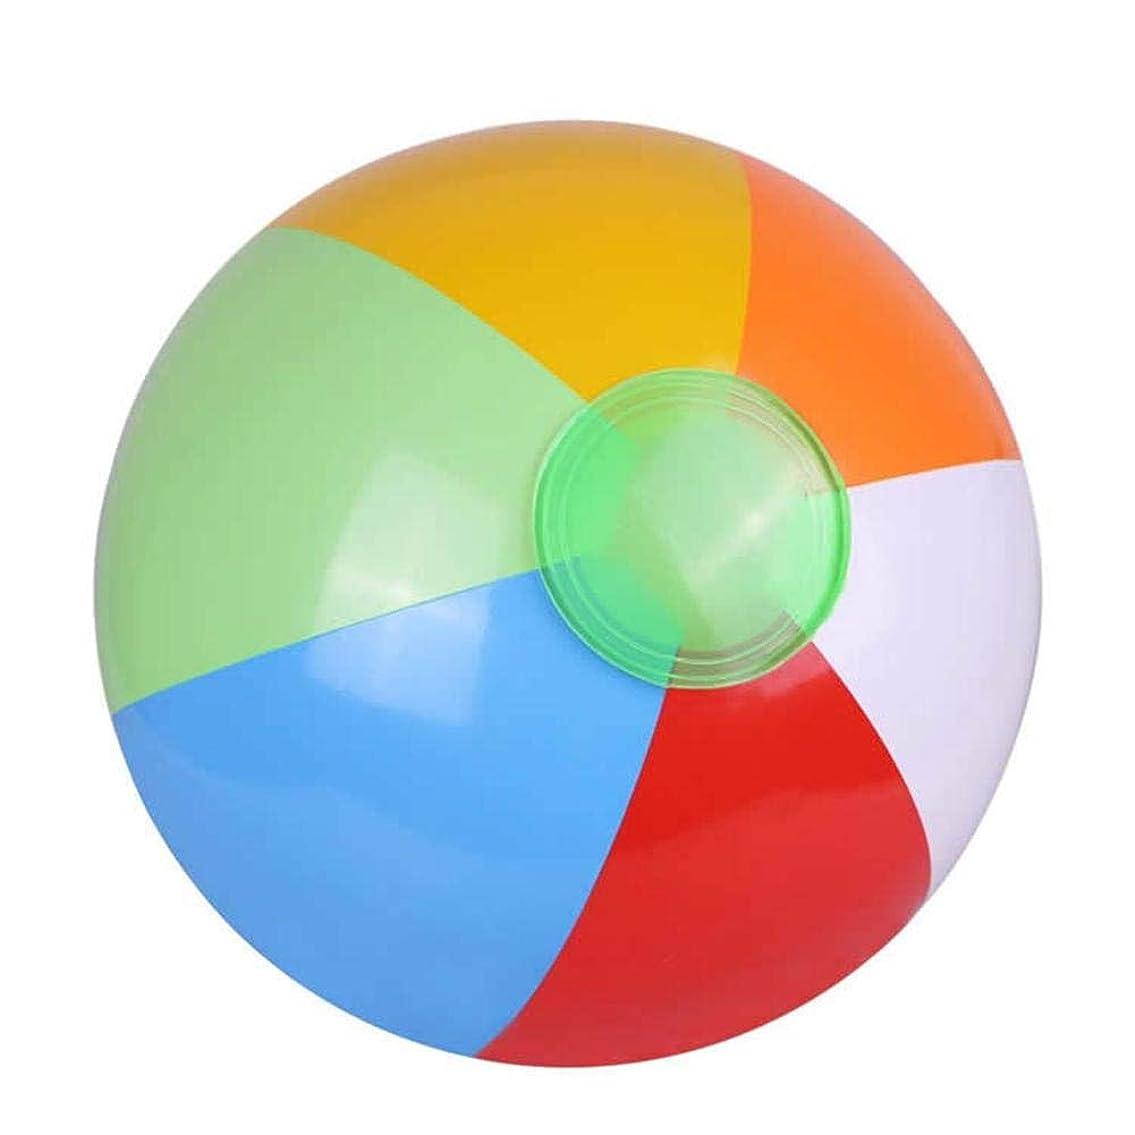 脚交じる離れて環境に優しいポリ塩化ビニールの膨脹可能な6部分色の球さまざまなおもちゃのビーチボールランダム色SNOWVIRTUOS